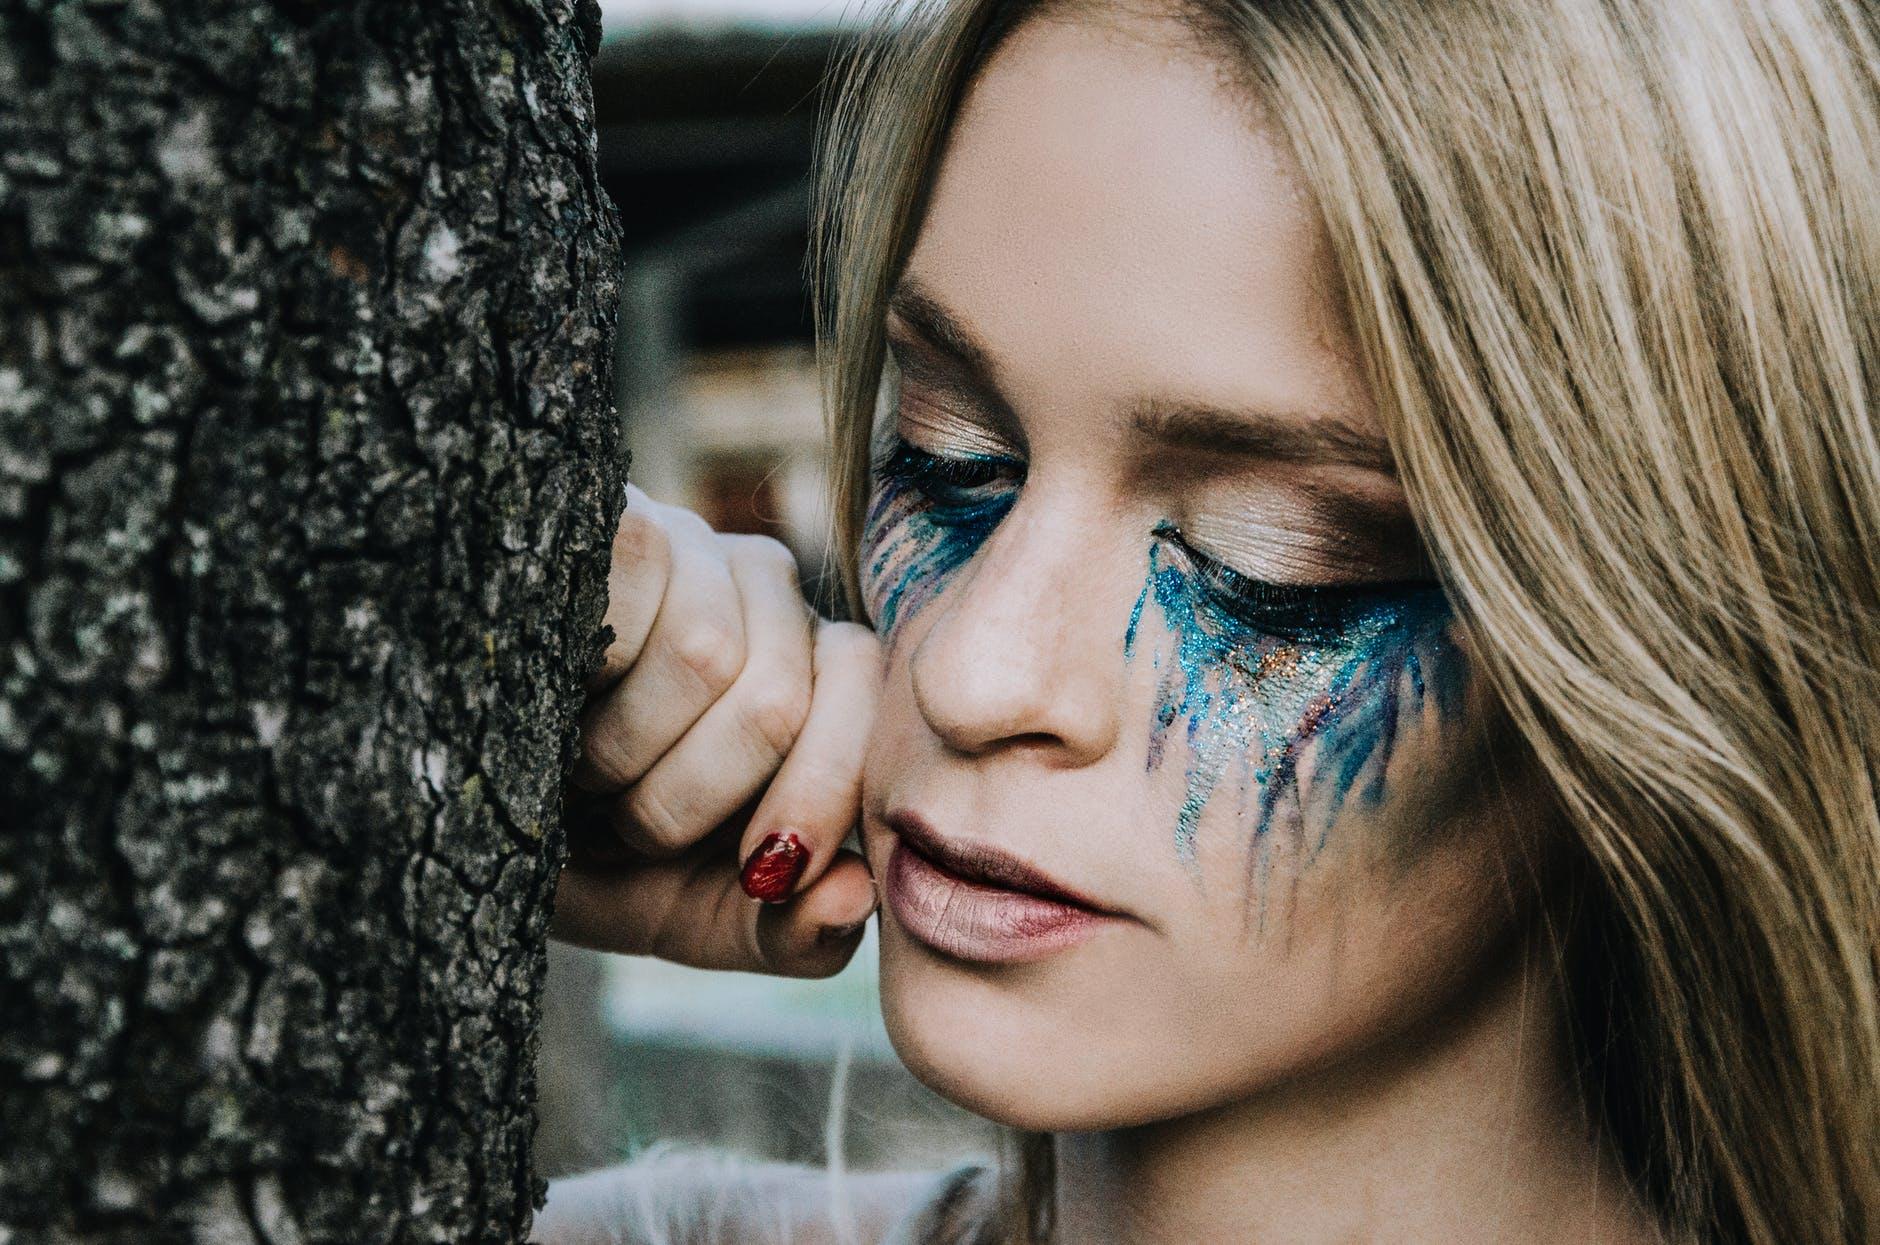 Herunterladen Mädchen Profilfotos HD | Kostenlose Bilder